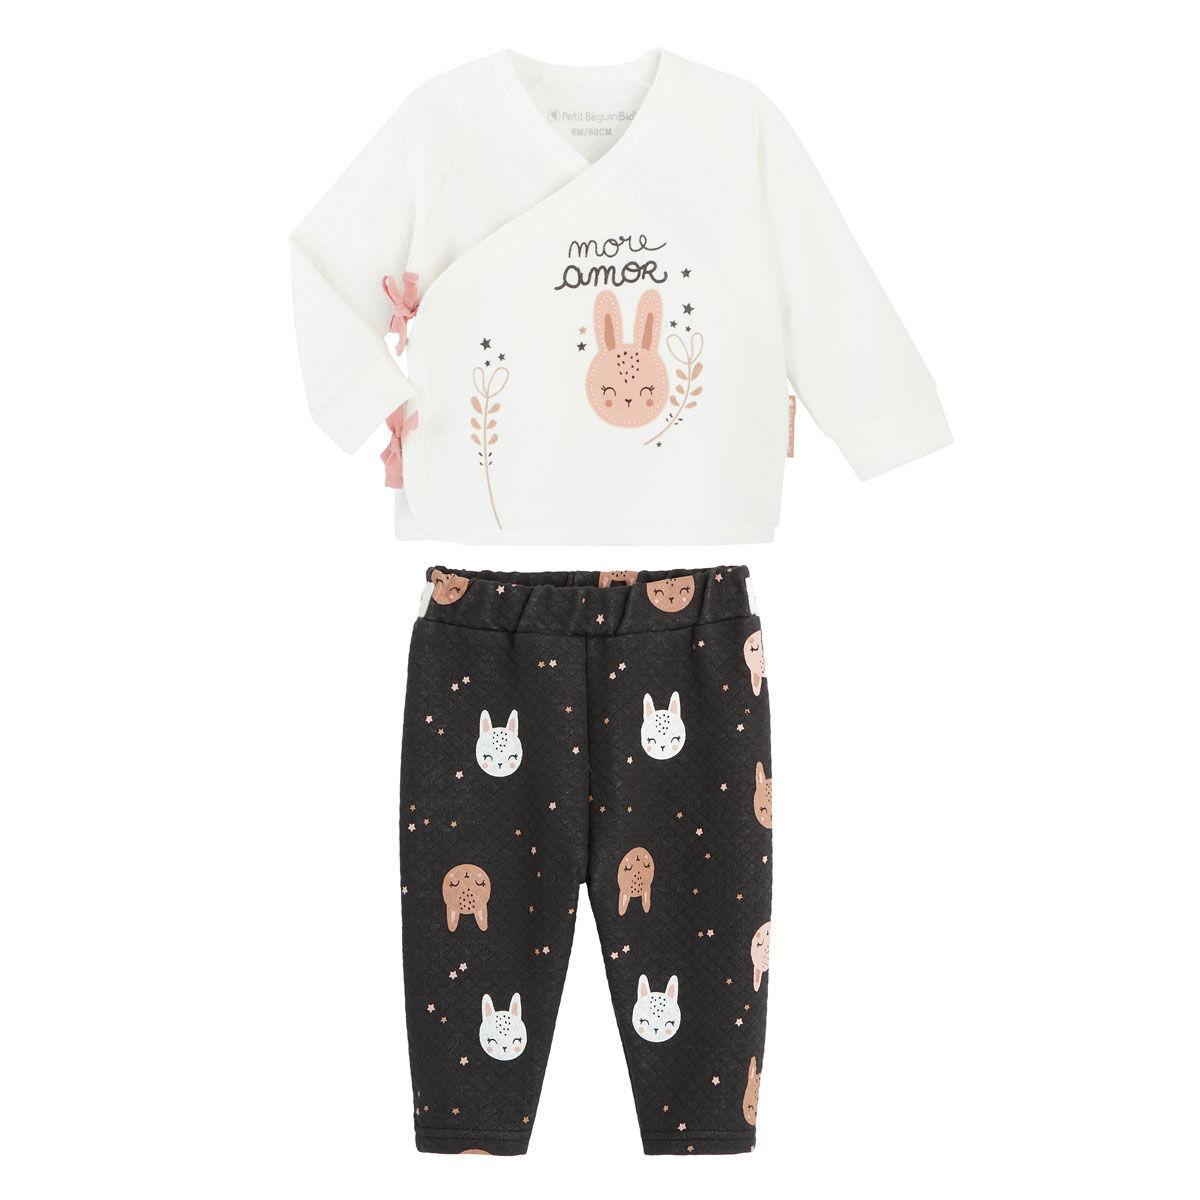 Petit Béguin Ensemble bébé fille gilet croisé et pantalon contenant du coton bio Chantilly - Taille - 6 mois